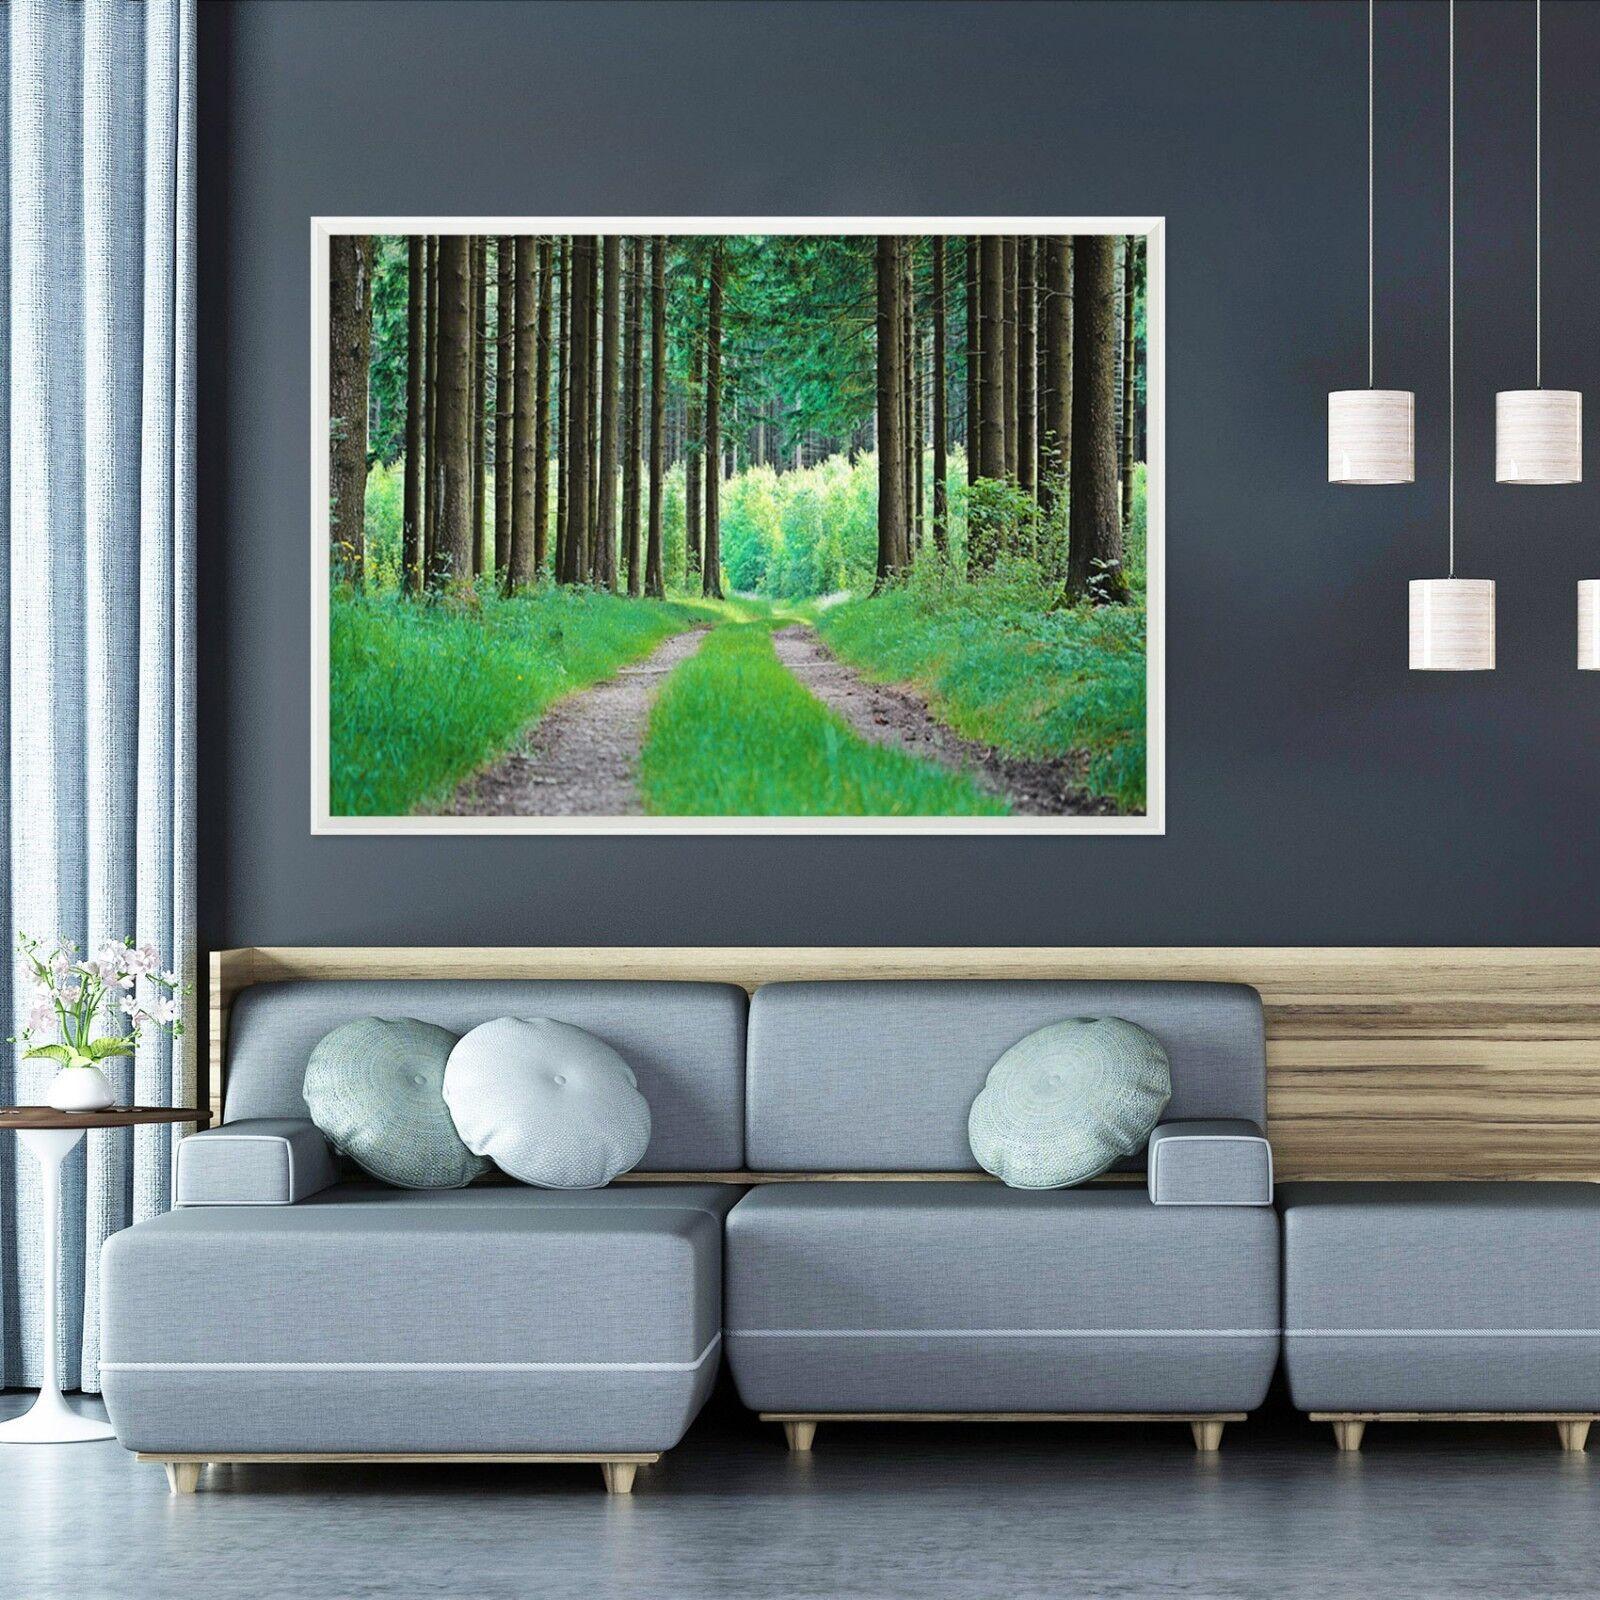 3D Green Grass Woodland 2 Framed Poster Home Decor Print Painting Art WALLPAPER